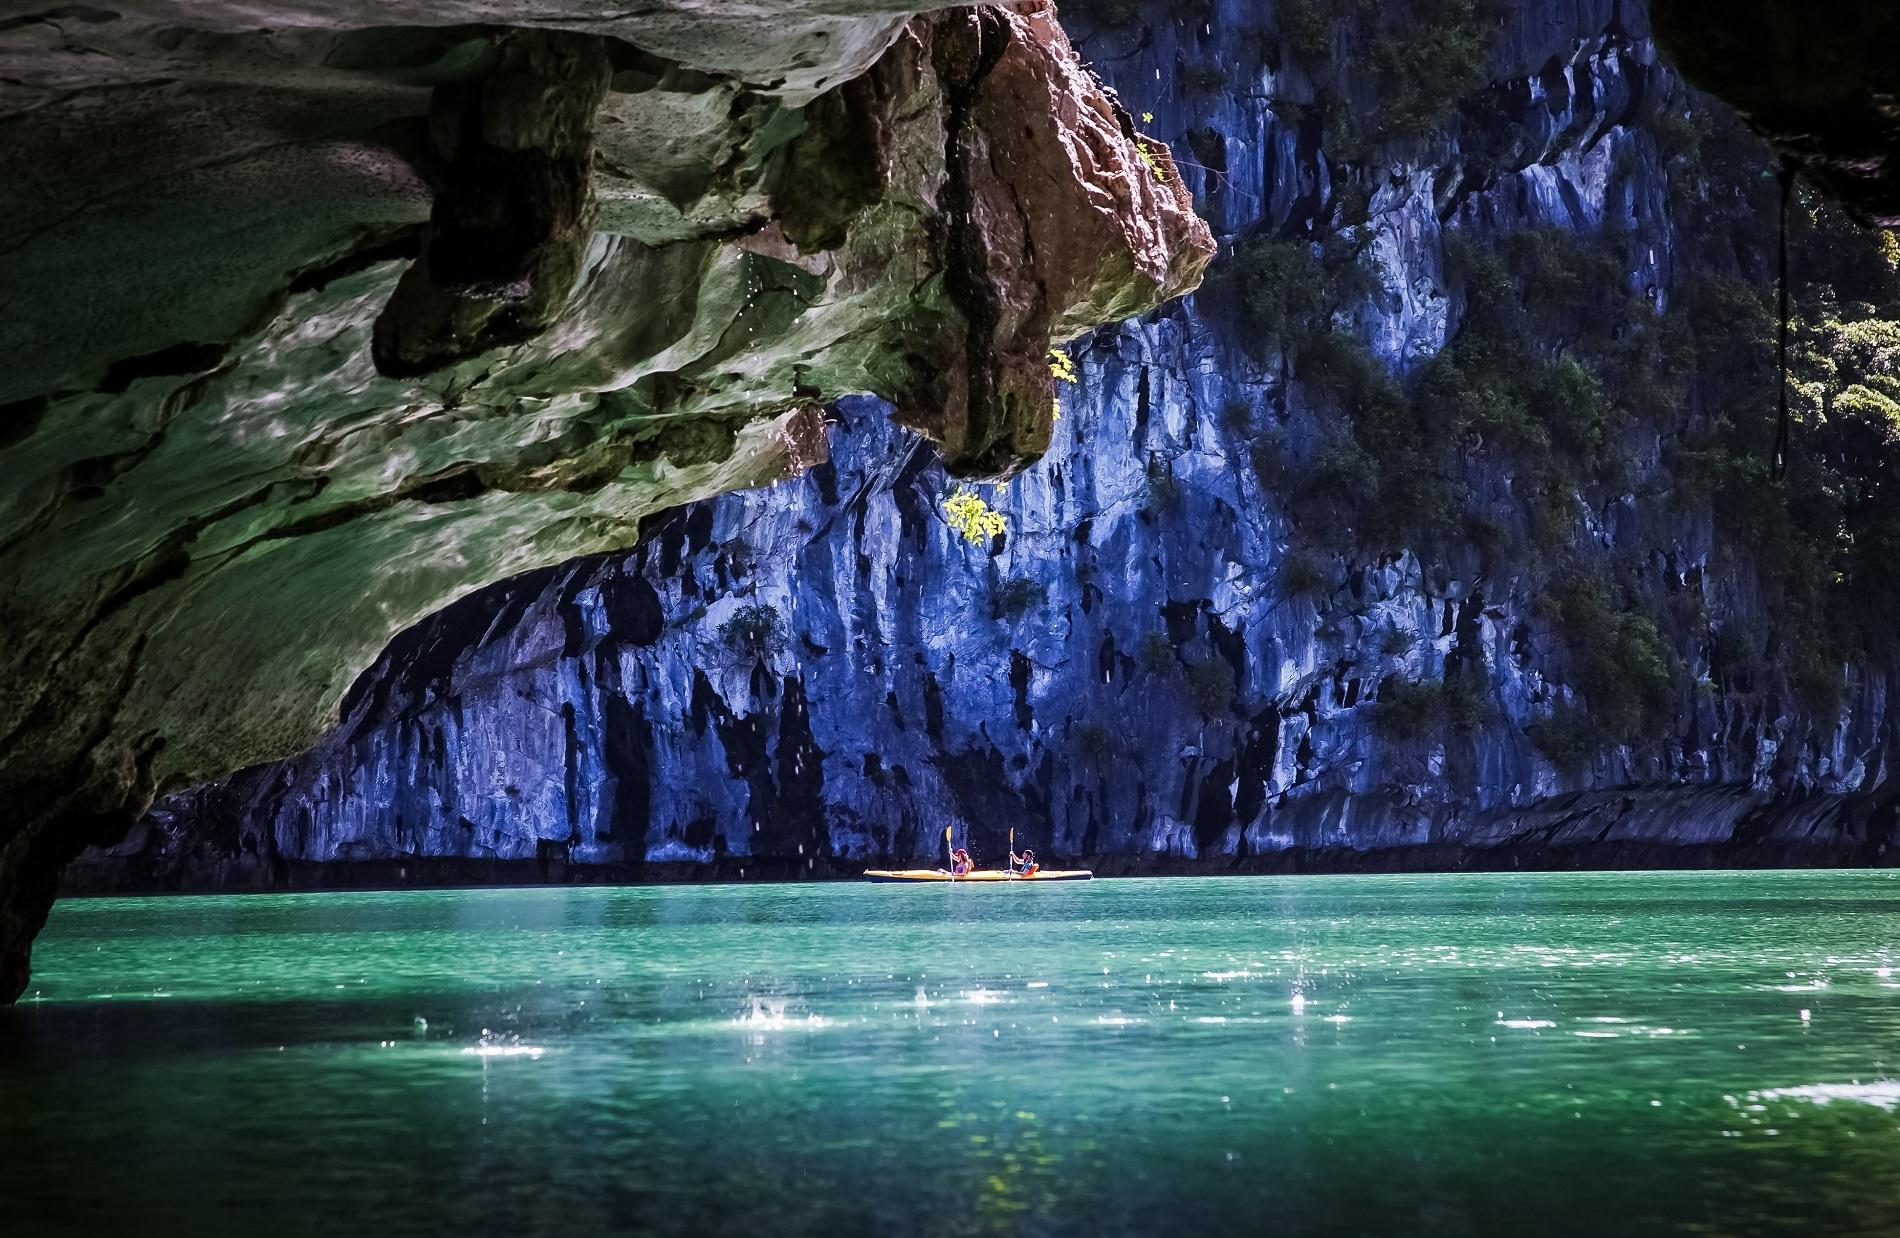 Vẻ đẹp huyền ảo trong hang động vịnh Lan Hạ. Ảnh: Melinda Nagy/Shutterstock.